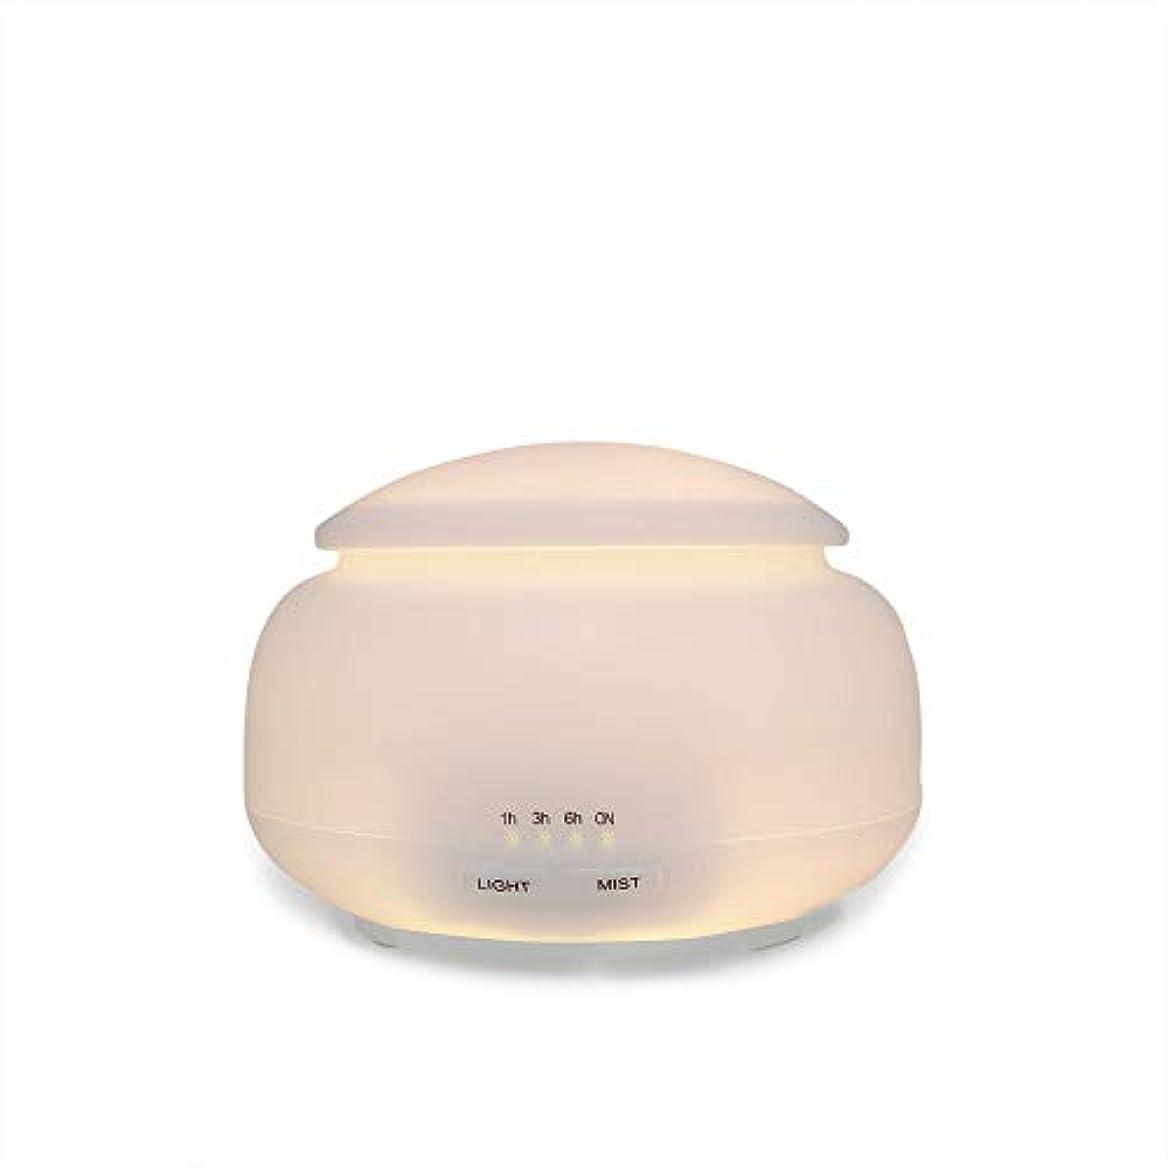 劣る便利さモニター150ml の家の超音波アロマセラピー機械、大きい無声空気浄化の加湿器容量のスプレーのタイマーおよび水なしの自動オフ、7つの LED ライト色